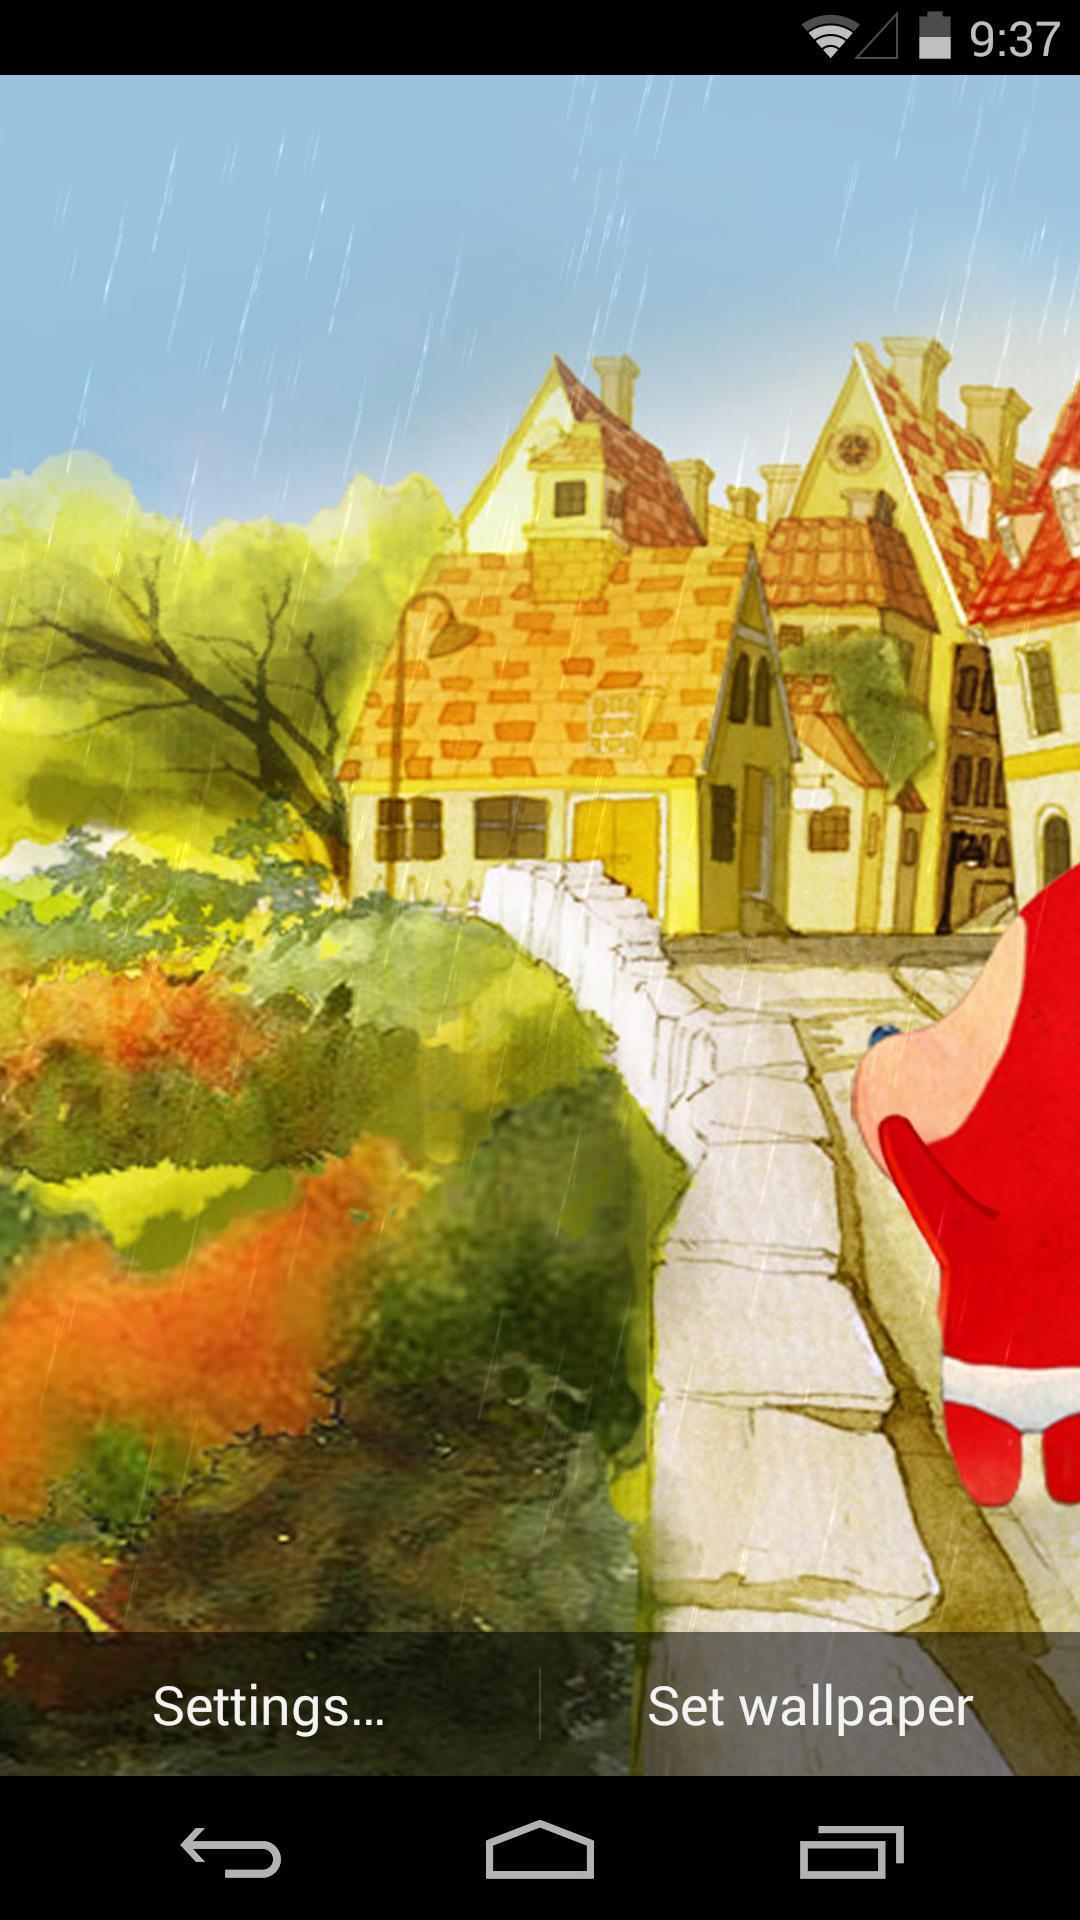 《 阿狸之预约秋天-梦象动态壁纸 》截图欣赏